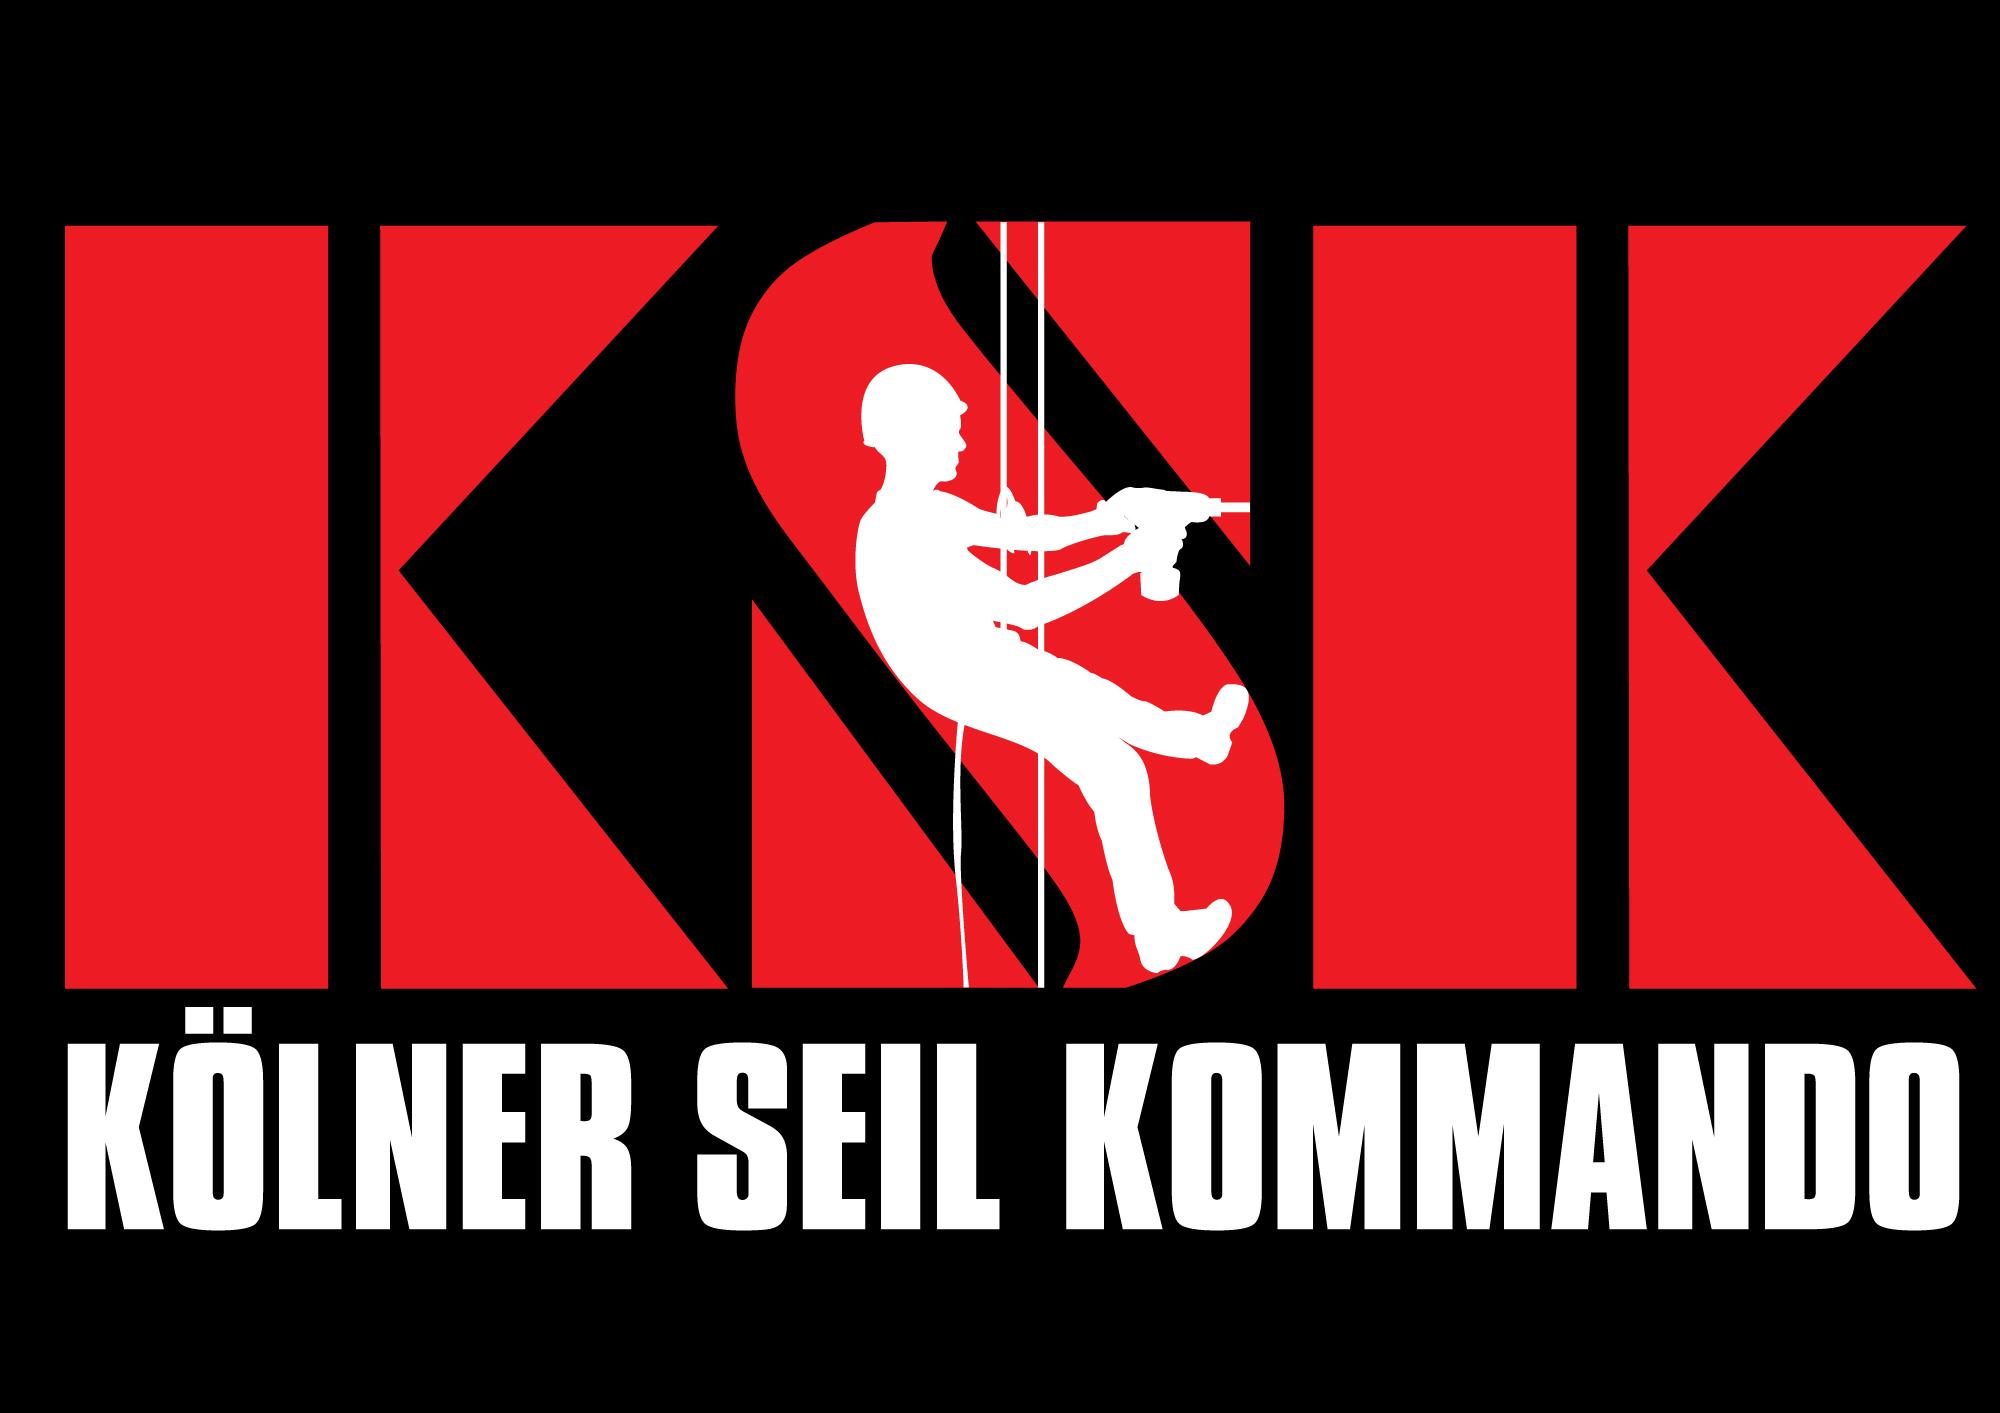 KSK - Kölner Seil Kommando GmbH